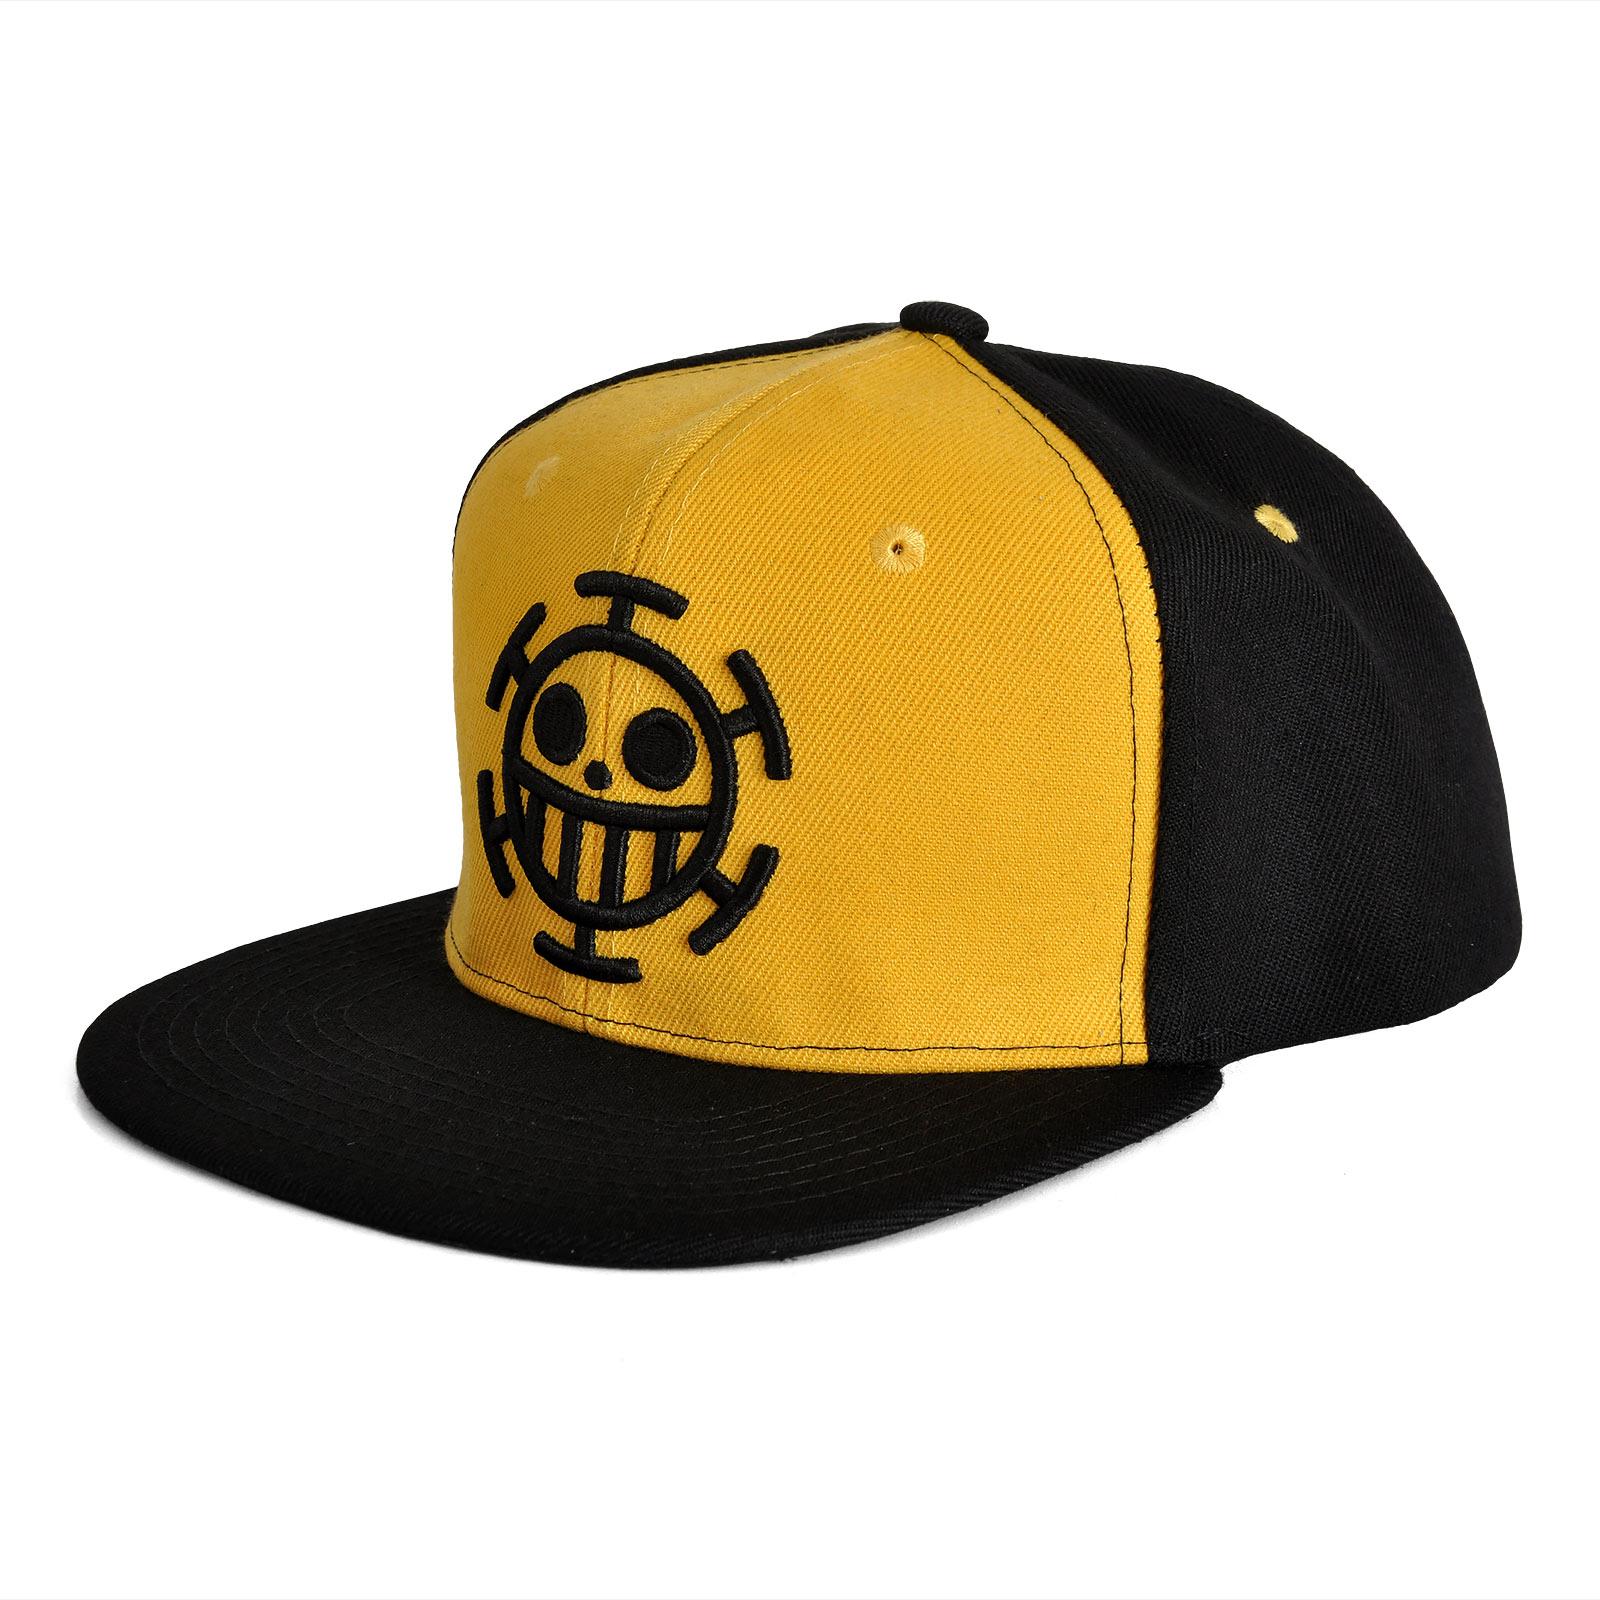 One Piece - Trafalgar Law Logo Basecap